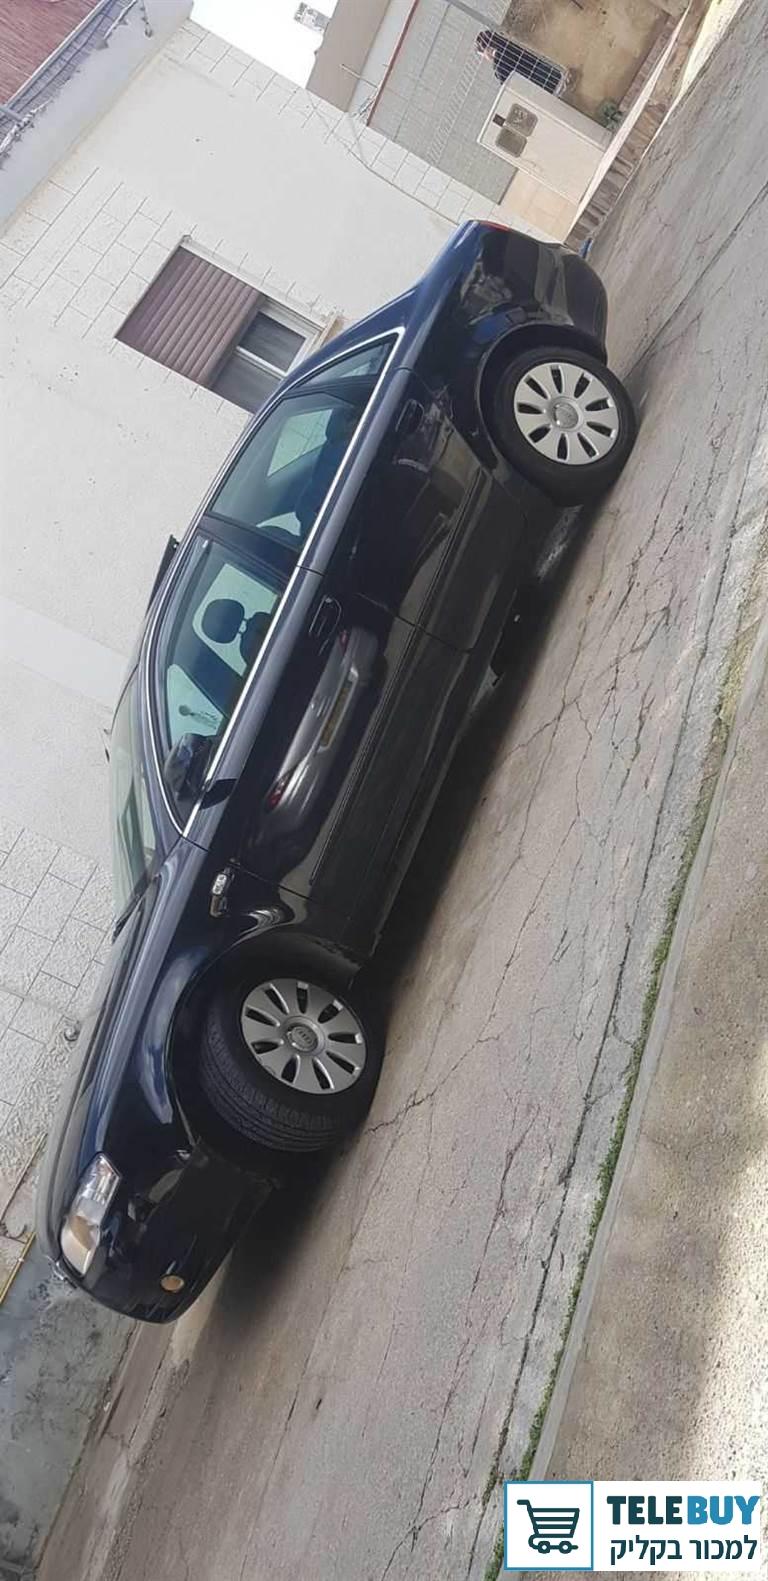 רכב פרטי אאודי A4 בעכו-נהריה